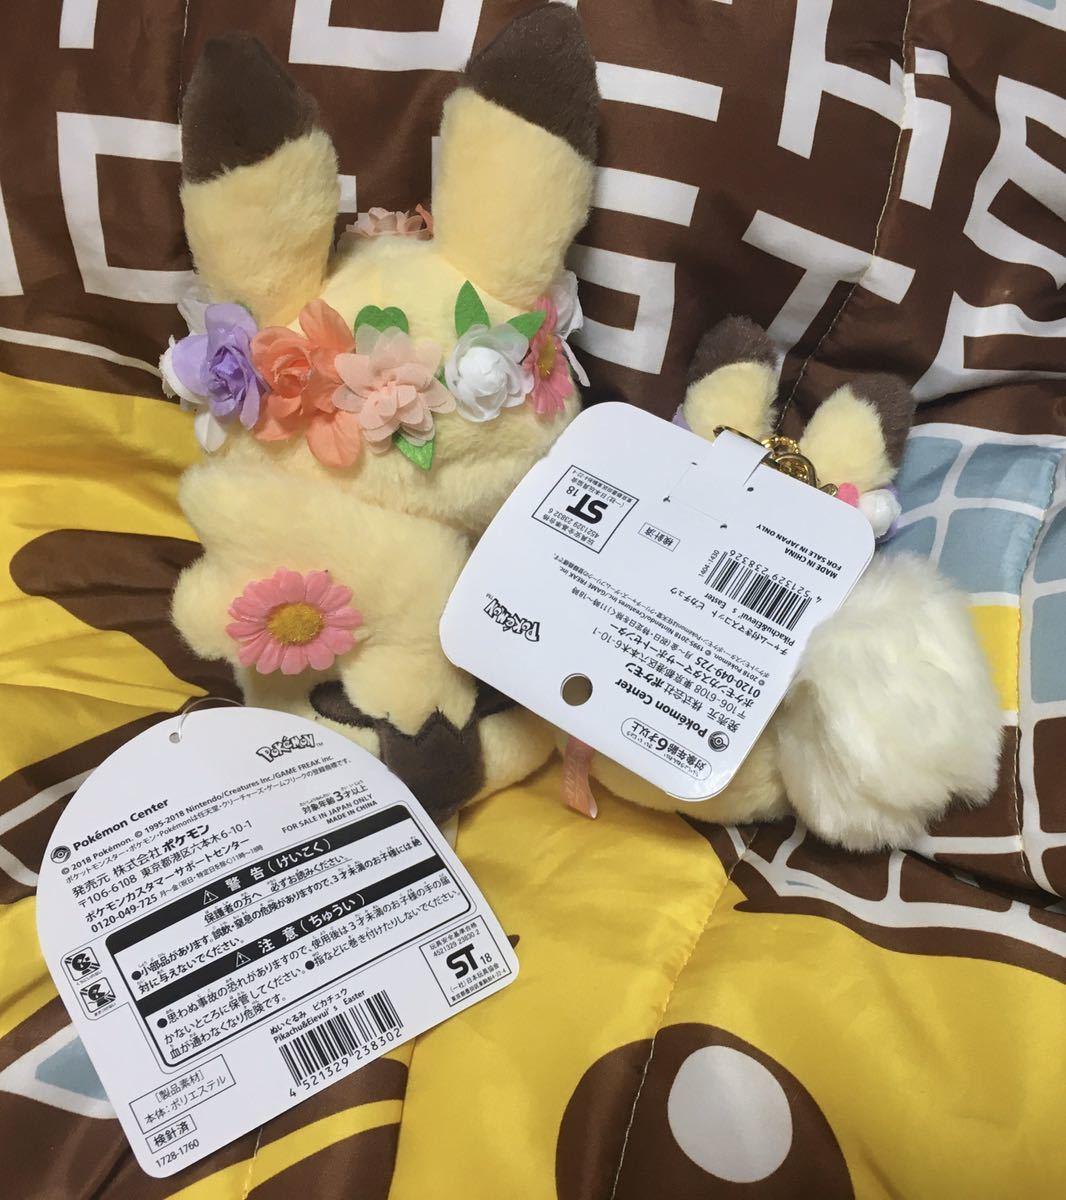 ポケットモンスター ぬいぐるみ チャーム付きマスコット Pikachu&Eievui's Easter ピカチュウ セット イースター ポケモンセンター限定_画像2